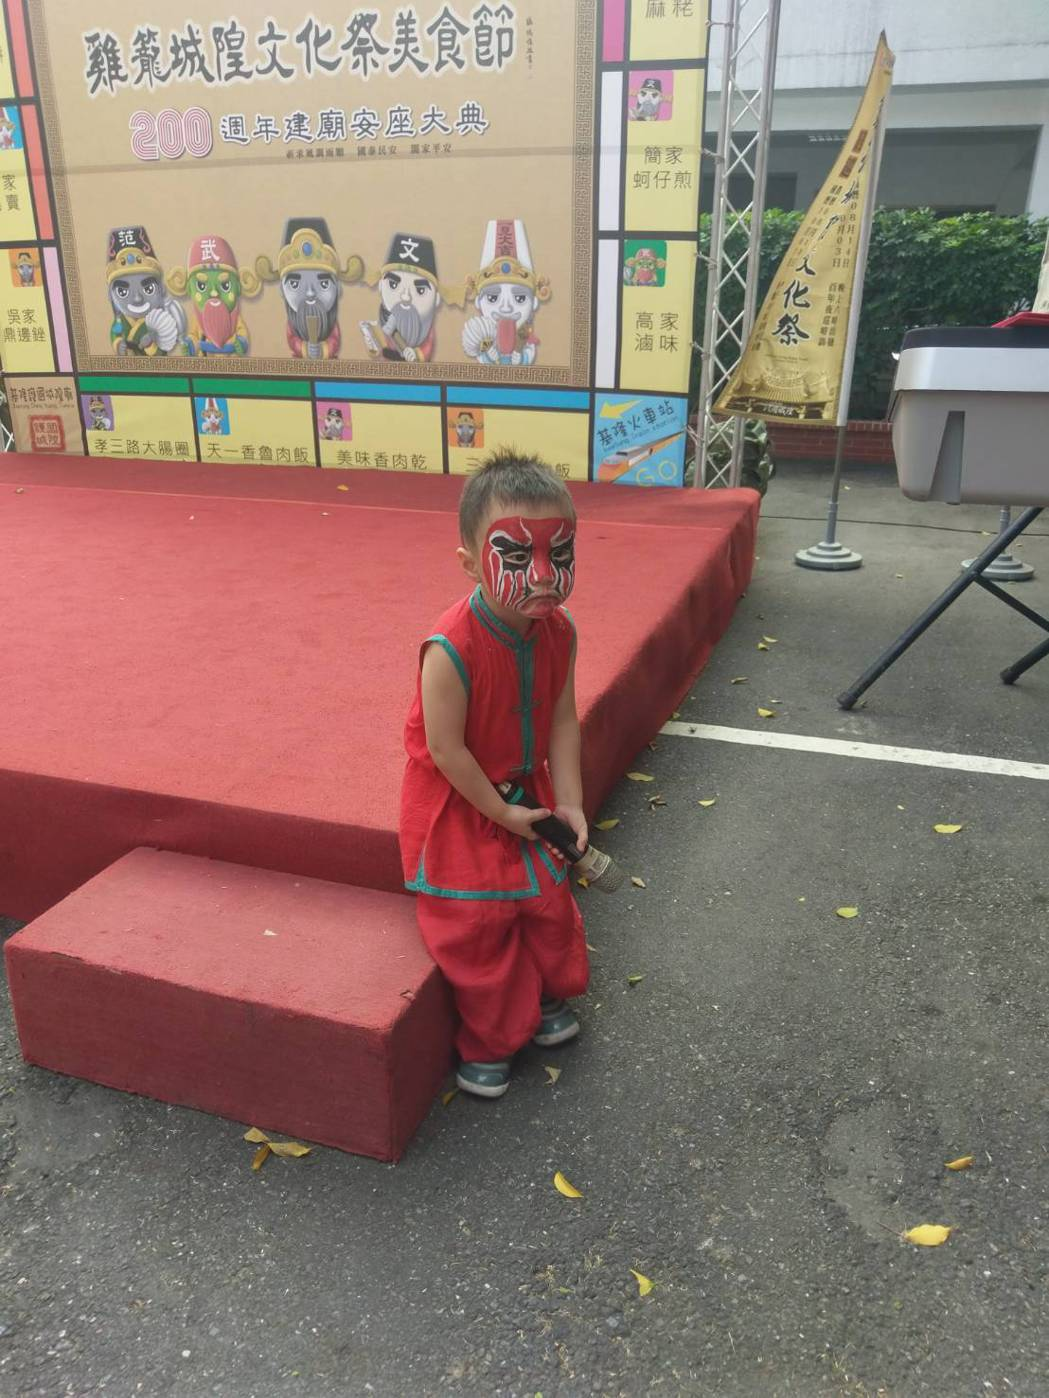 基隆護國城隍廟200周年,今天在立法院辦記者會,團體中3歲的翔翔也畫上「小家將」...